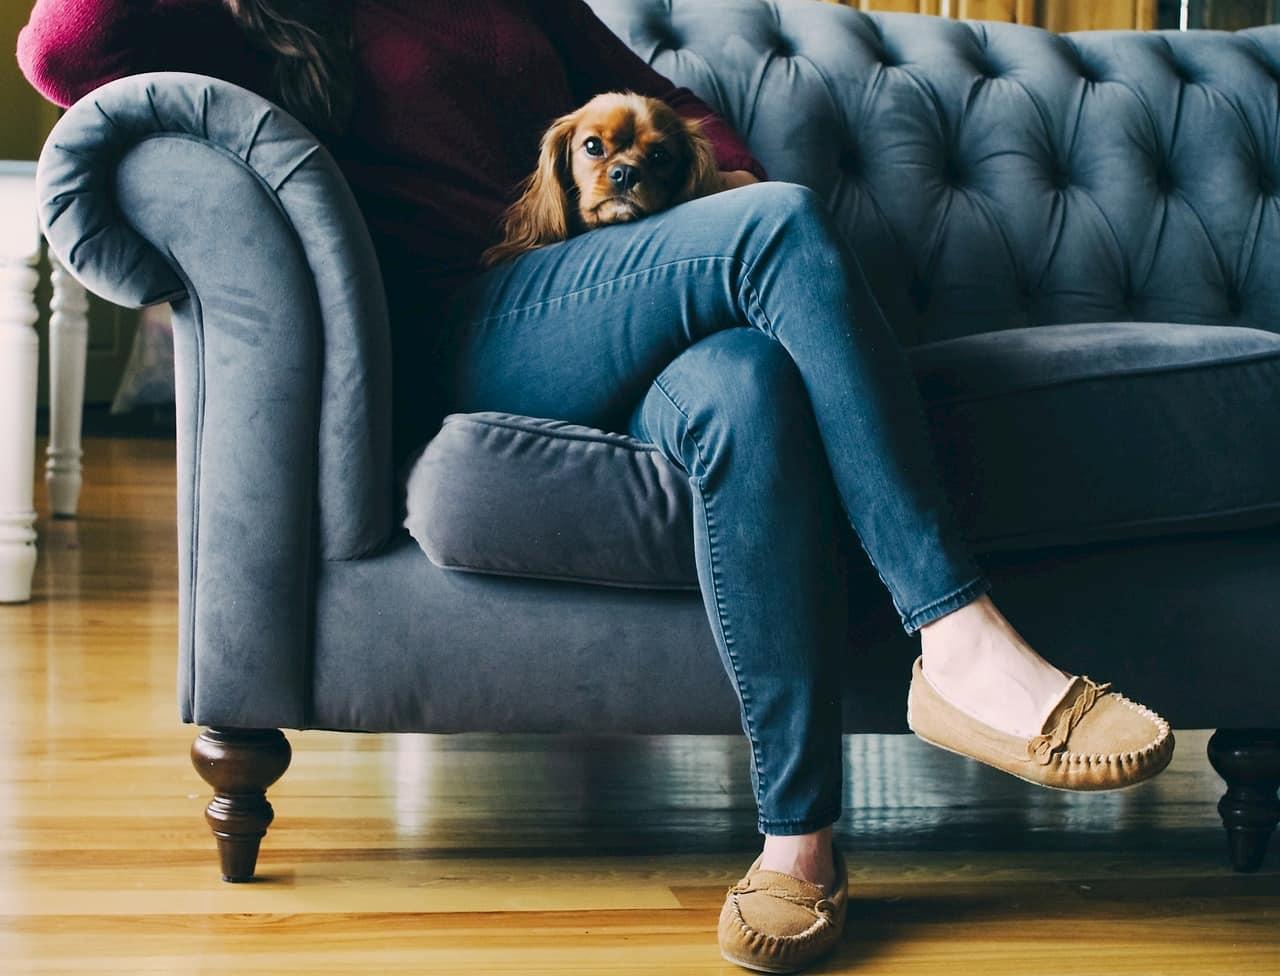 ソファに座る飼い主のひざの上でくつろぐ犬